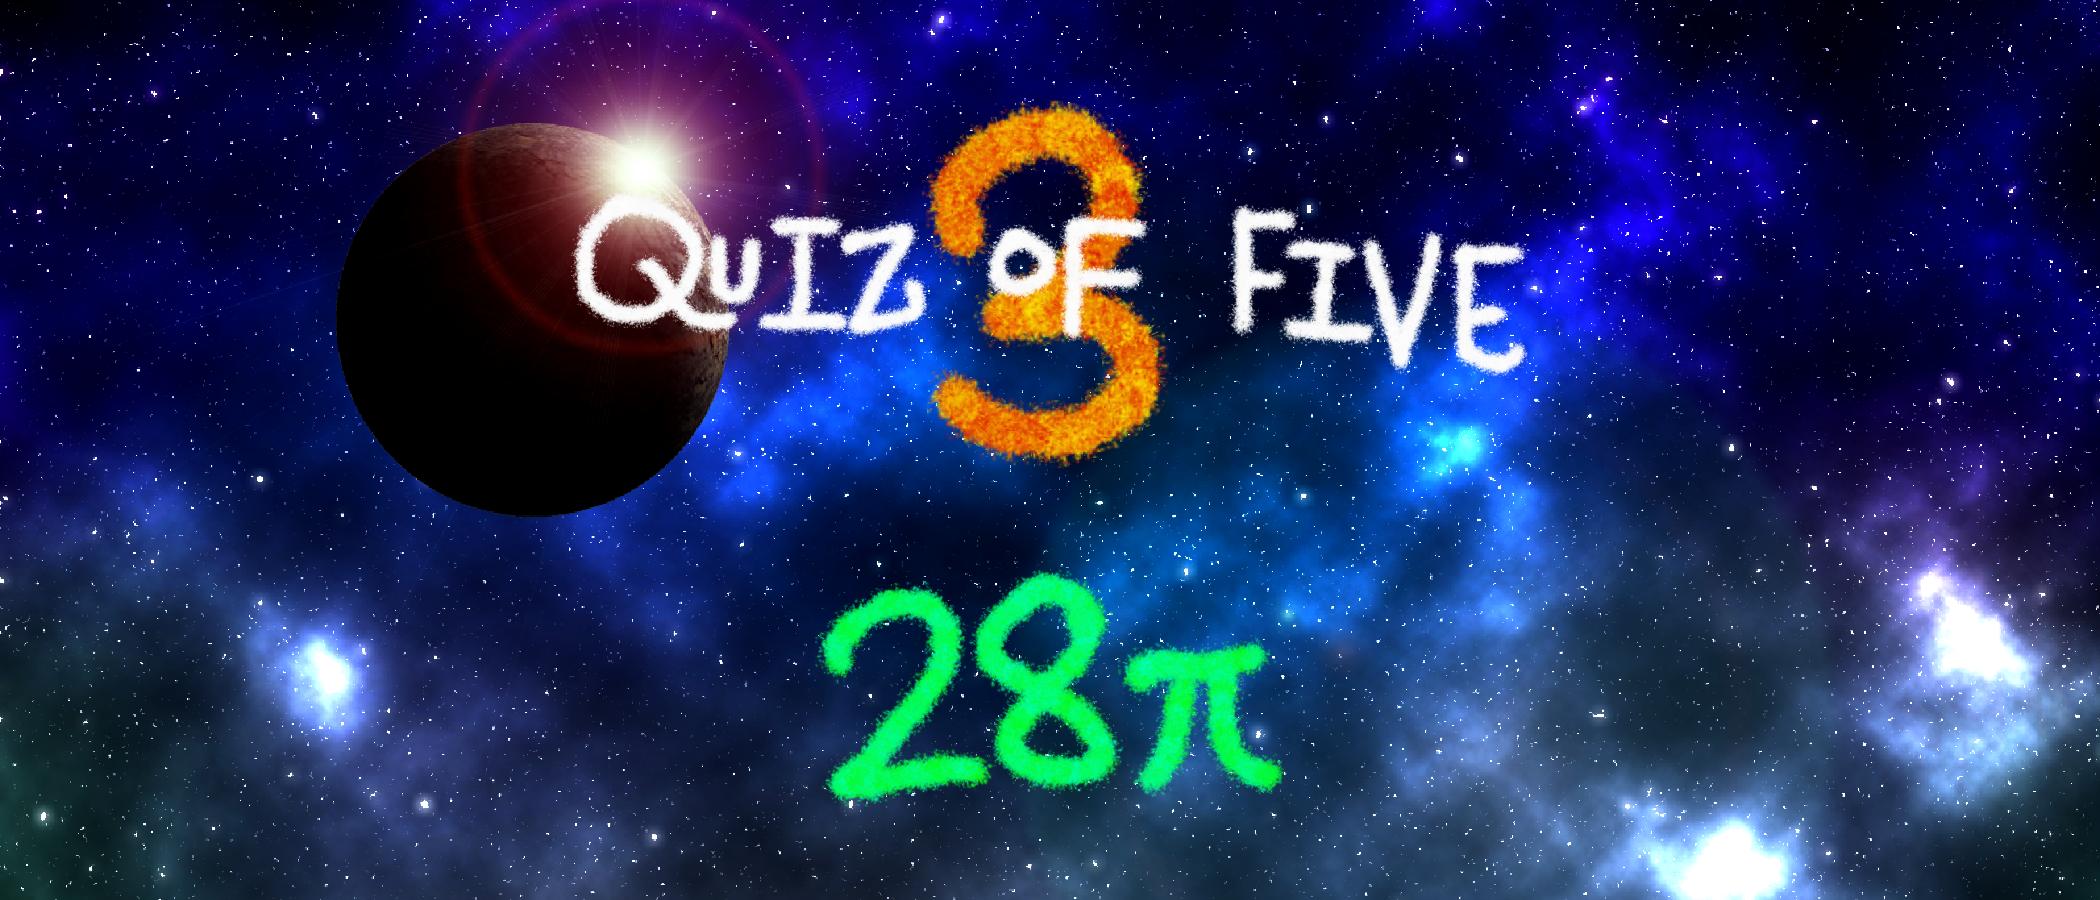 Quiz of Five 3: 28π